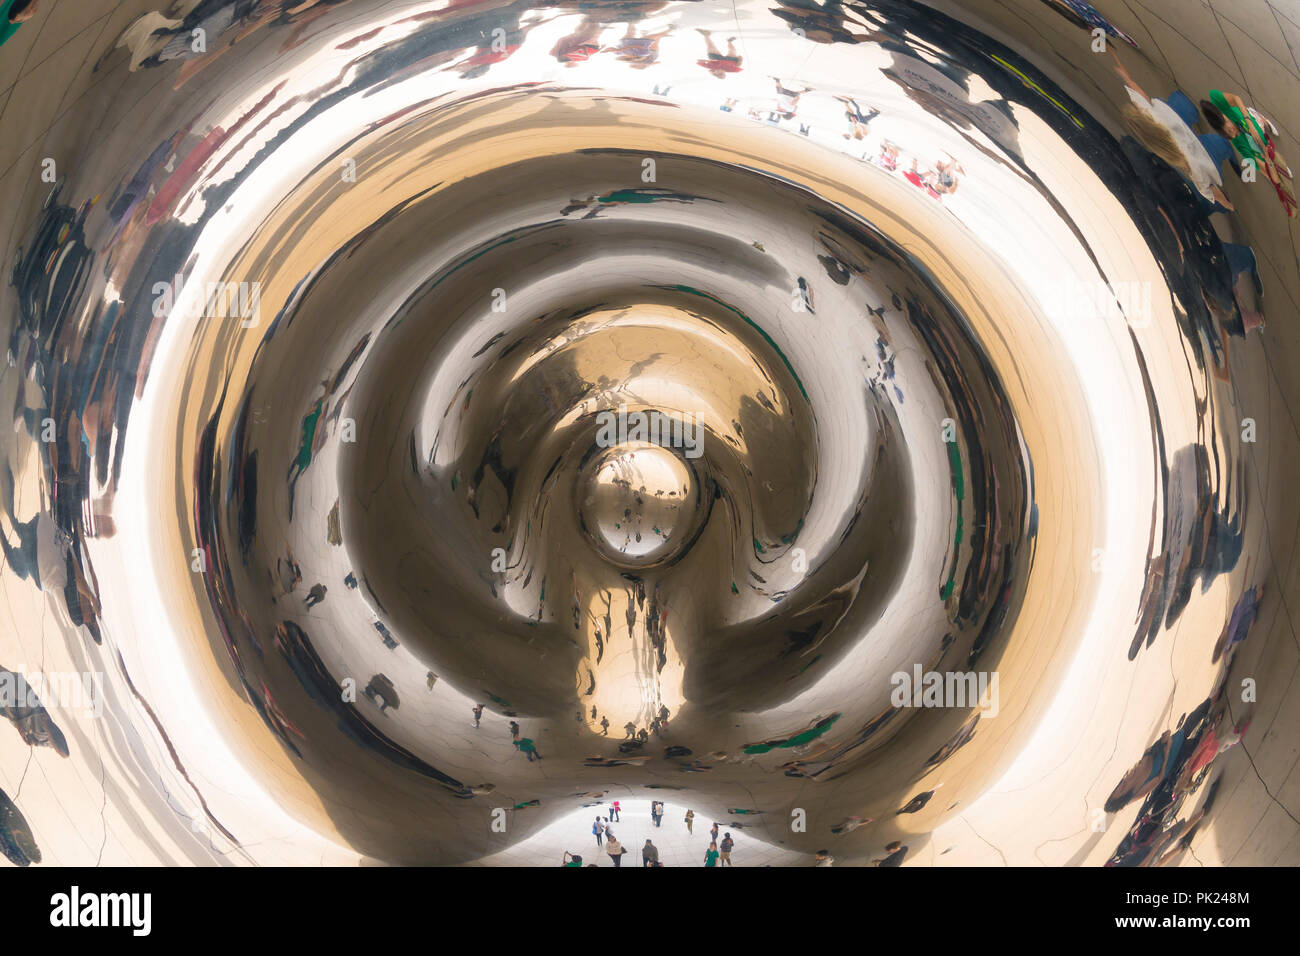 Les visiteurs et les touristes de prendre des photos de Cloud Gate, le Bean, Sir Anish Kapoor, sculpture publique, Millennium Park, centre-ville de Chicago, Illinois, États-Unis Photo Stock